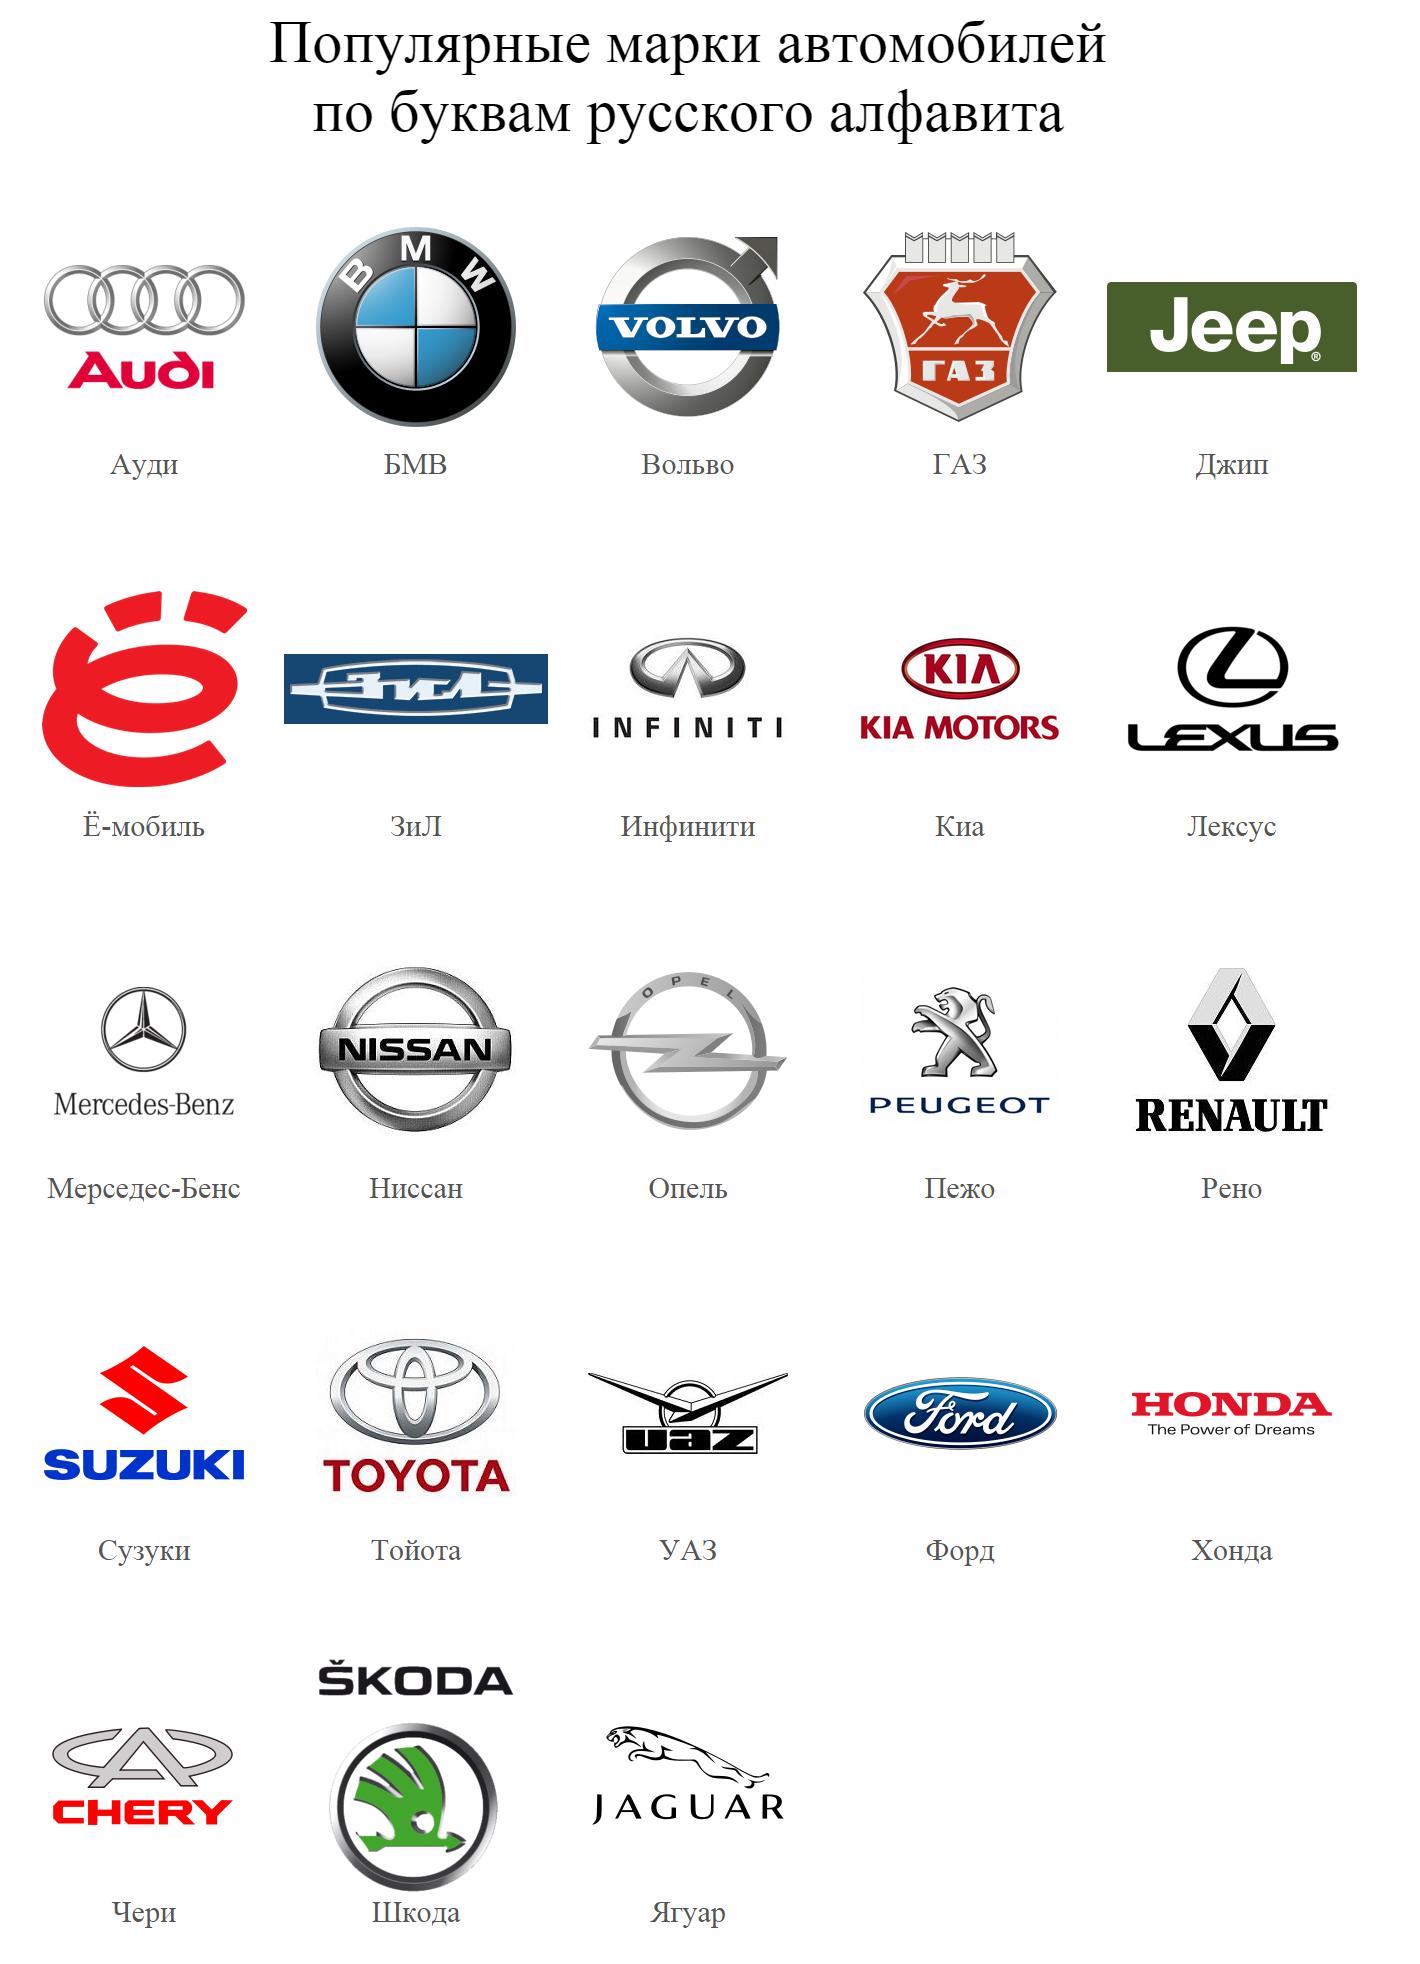 Марки машин | Автомобили логотипы, Марки, Обслуживание ...